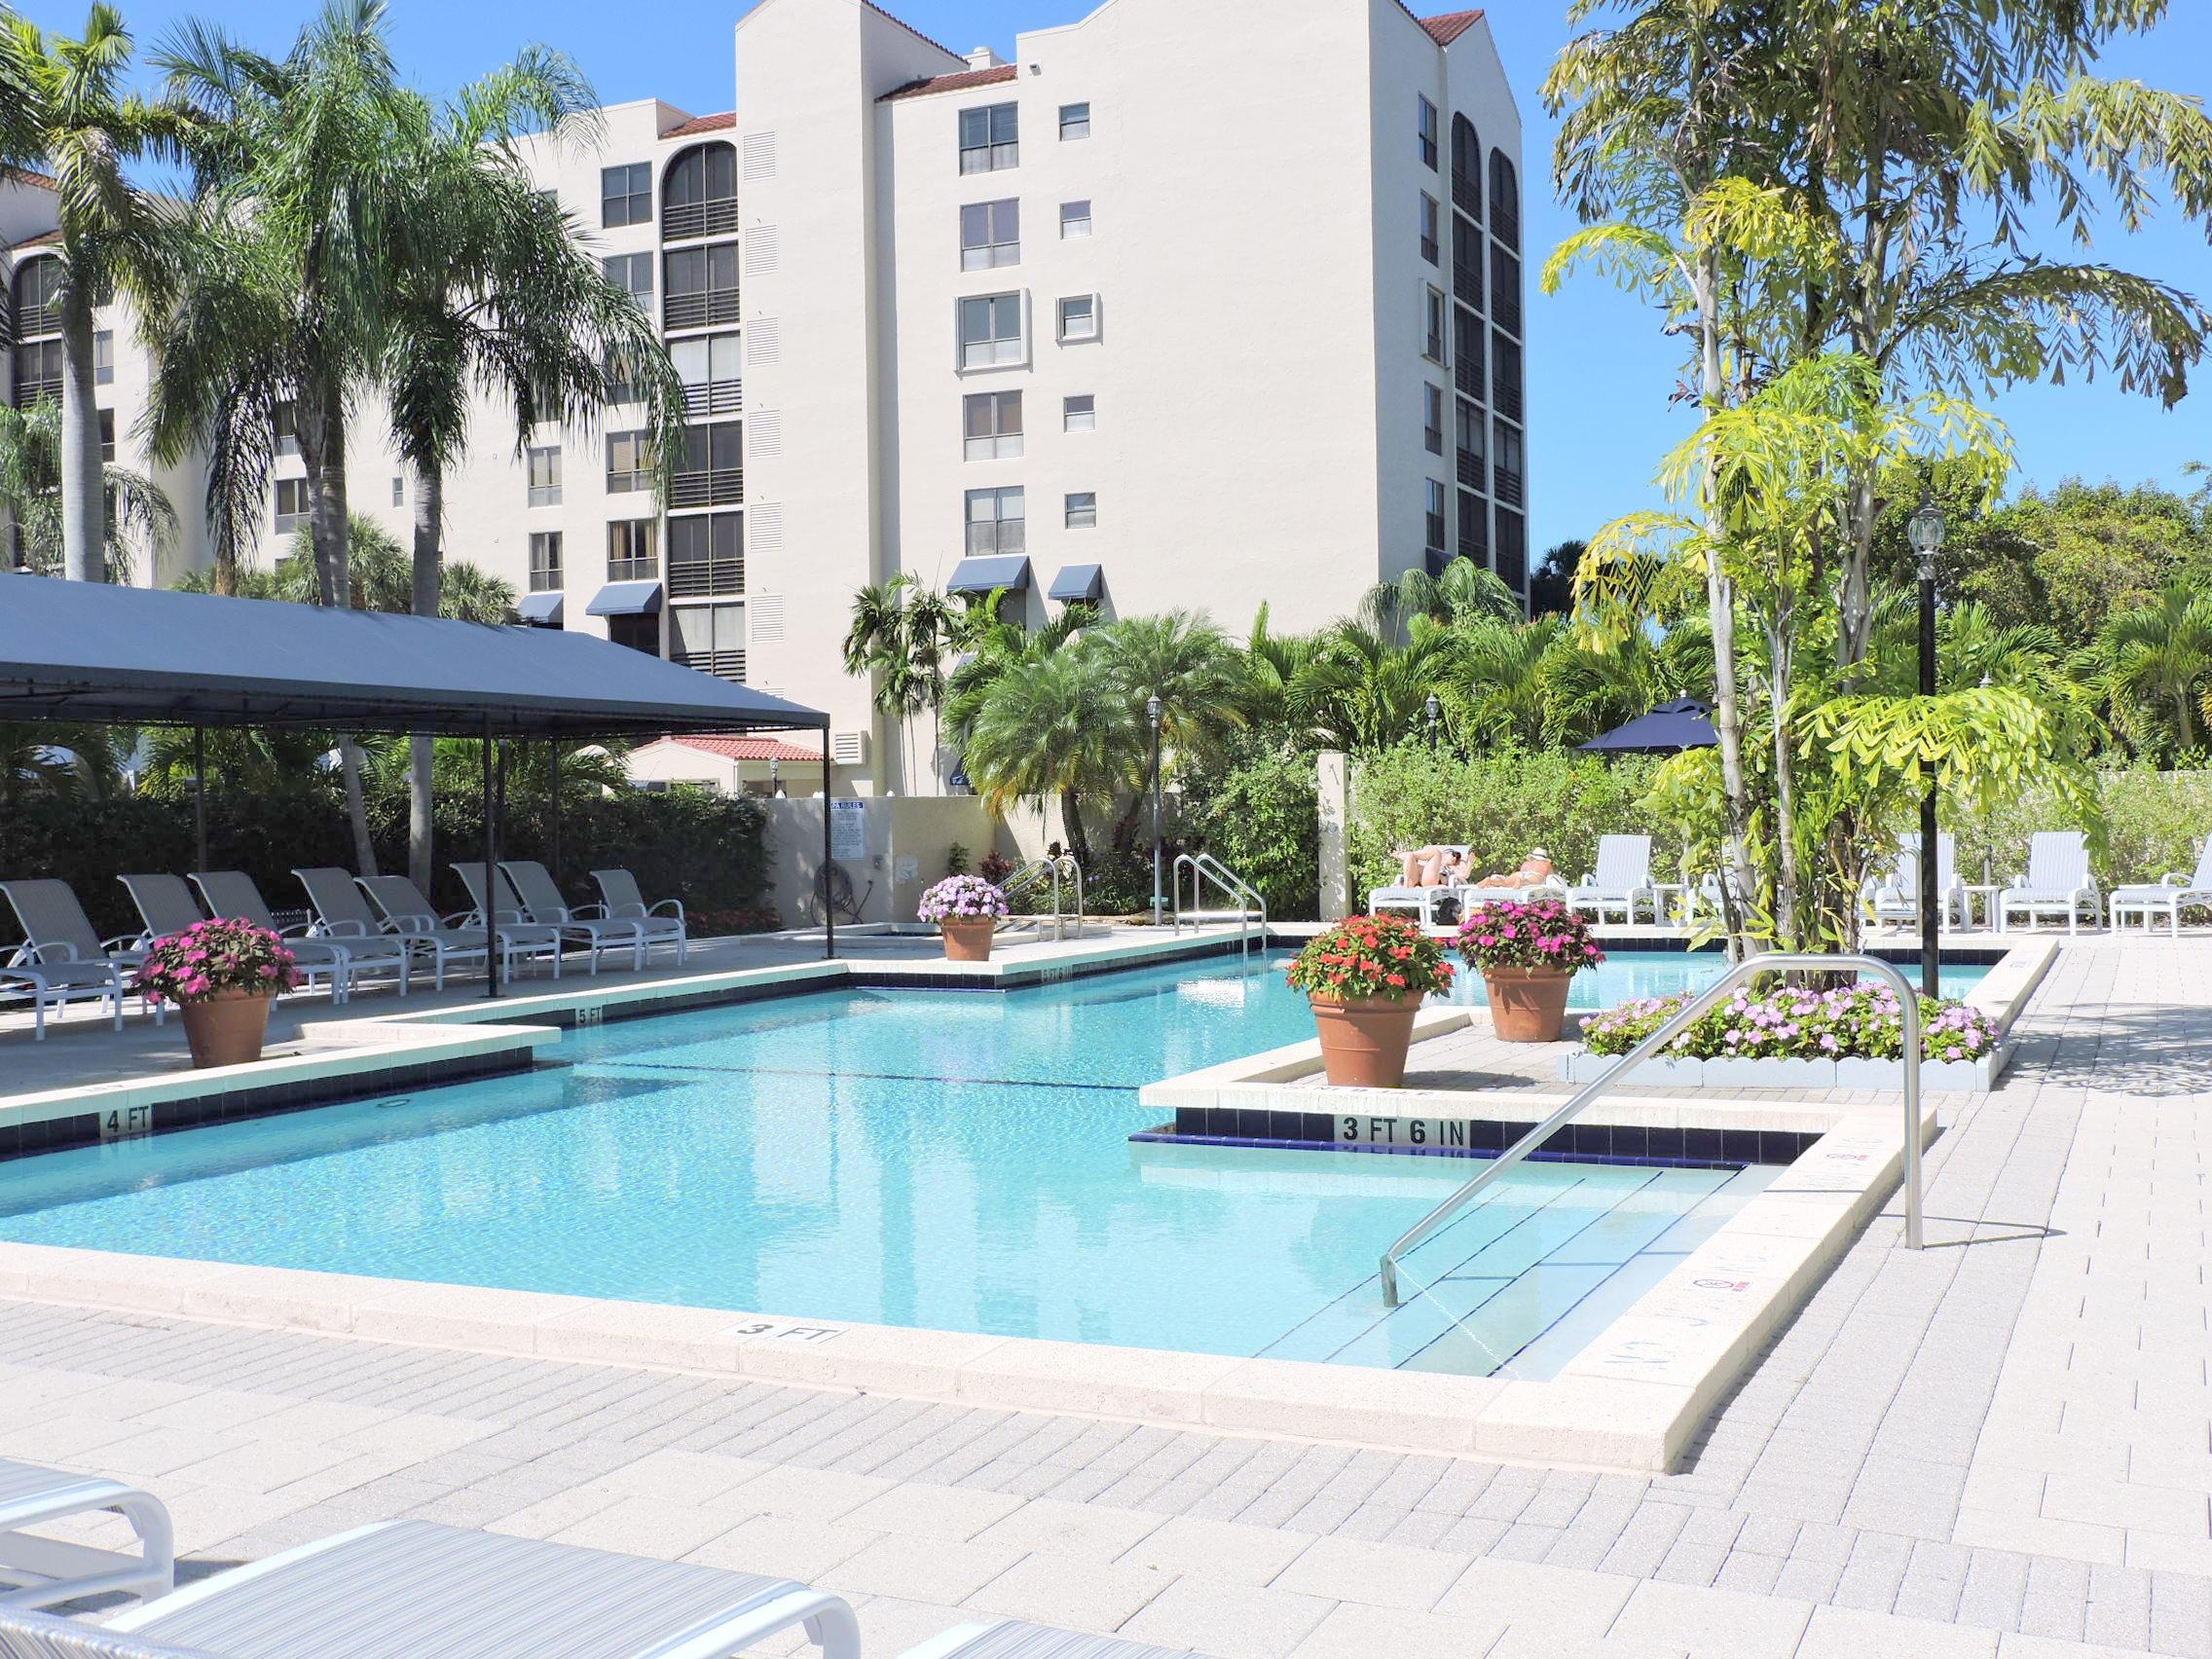 7564 Regency Lake Drive #301 Boca Raton, FL 33433